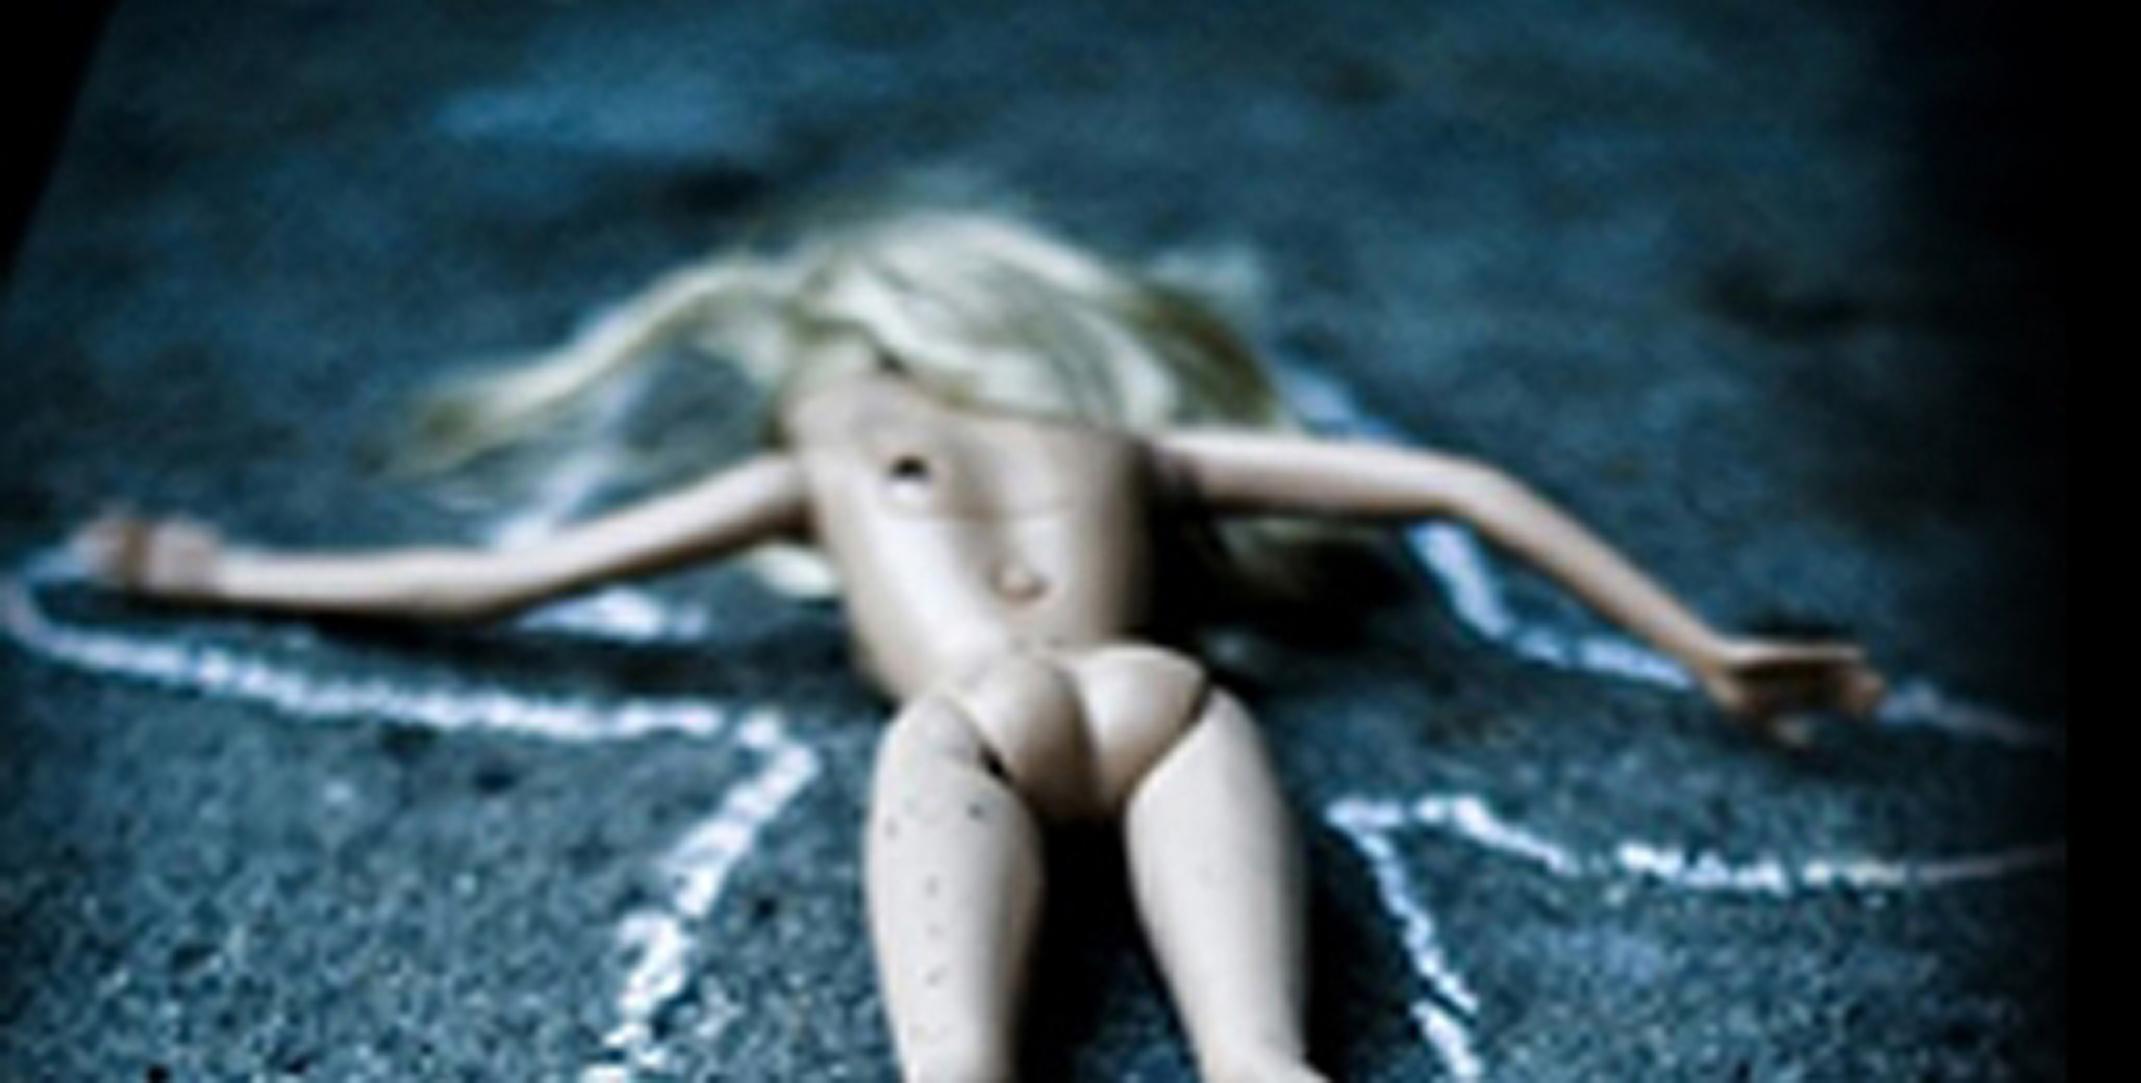 dead_barbie_coupe_300dpi